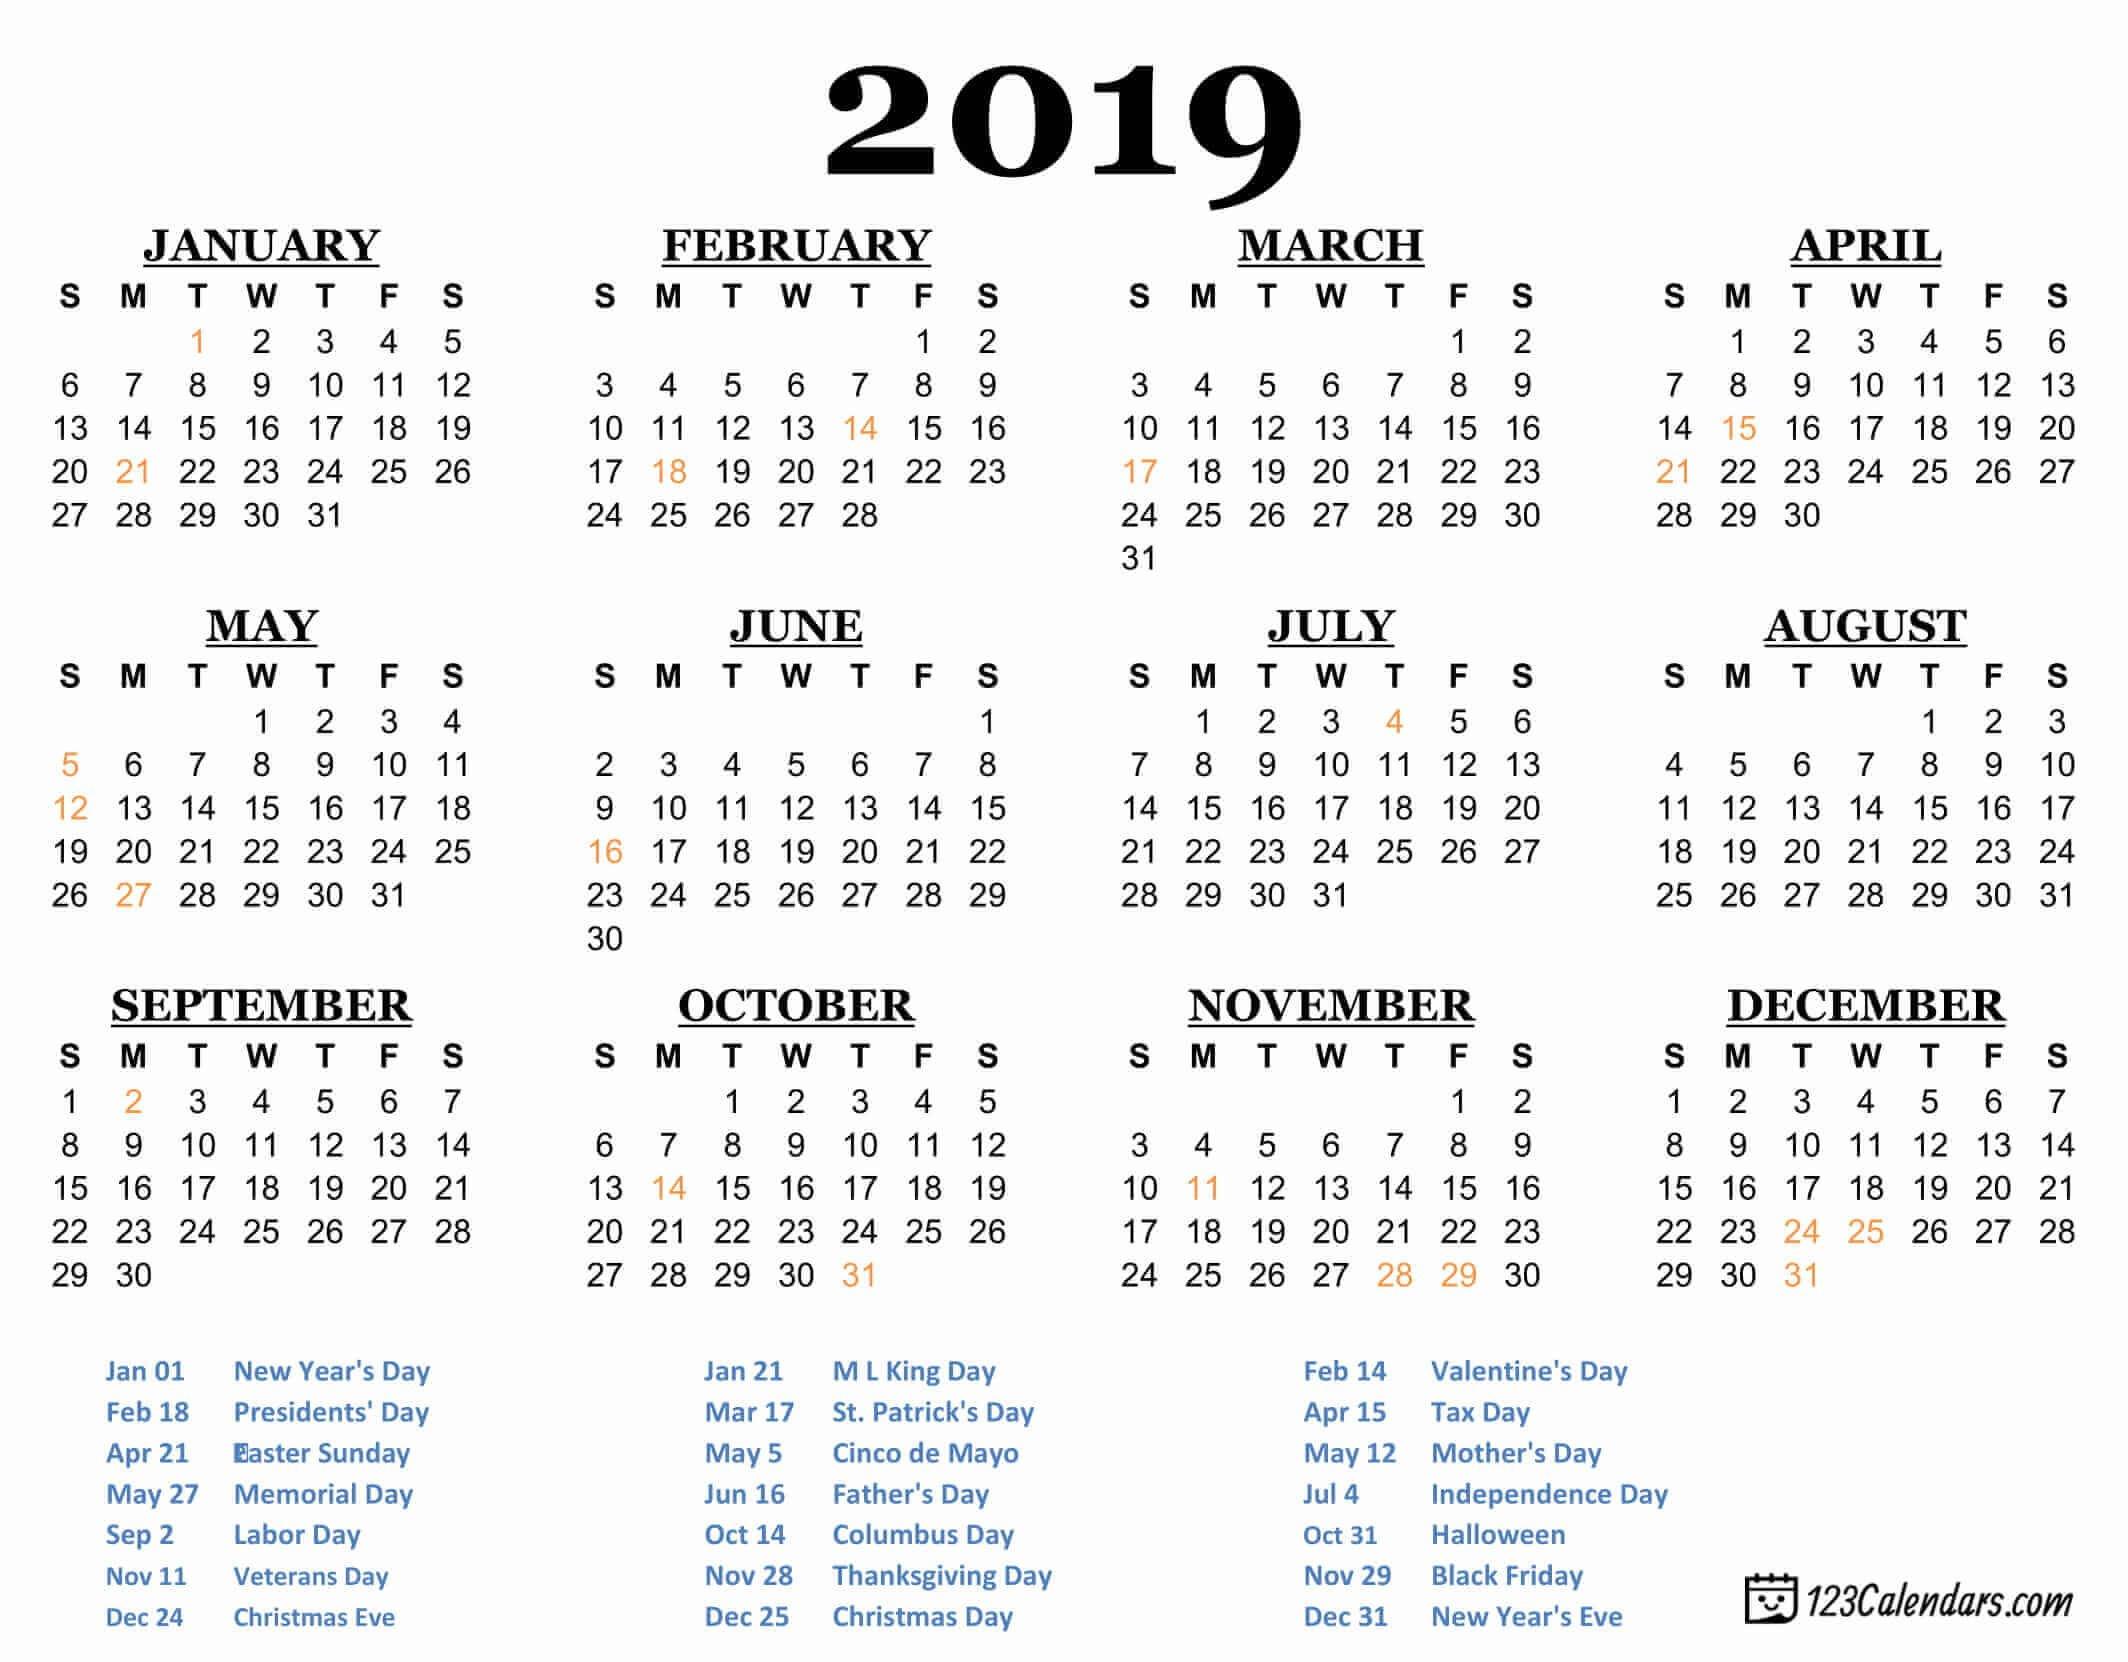 Free Printable 2019 Calendar | 123Calendars X Calendar 2019 Pdf